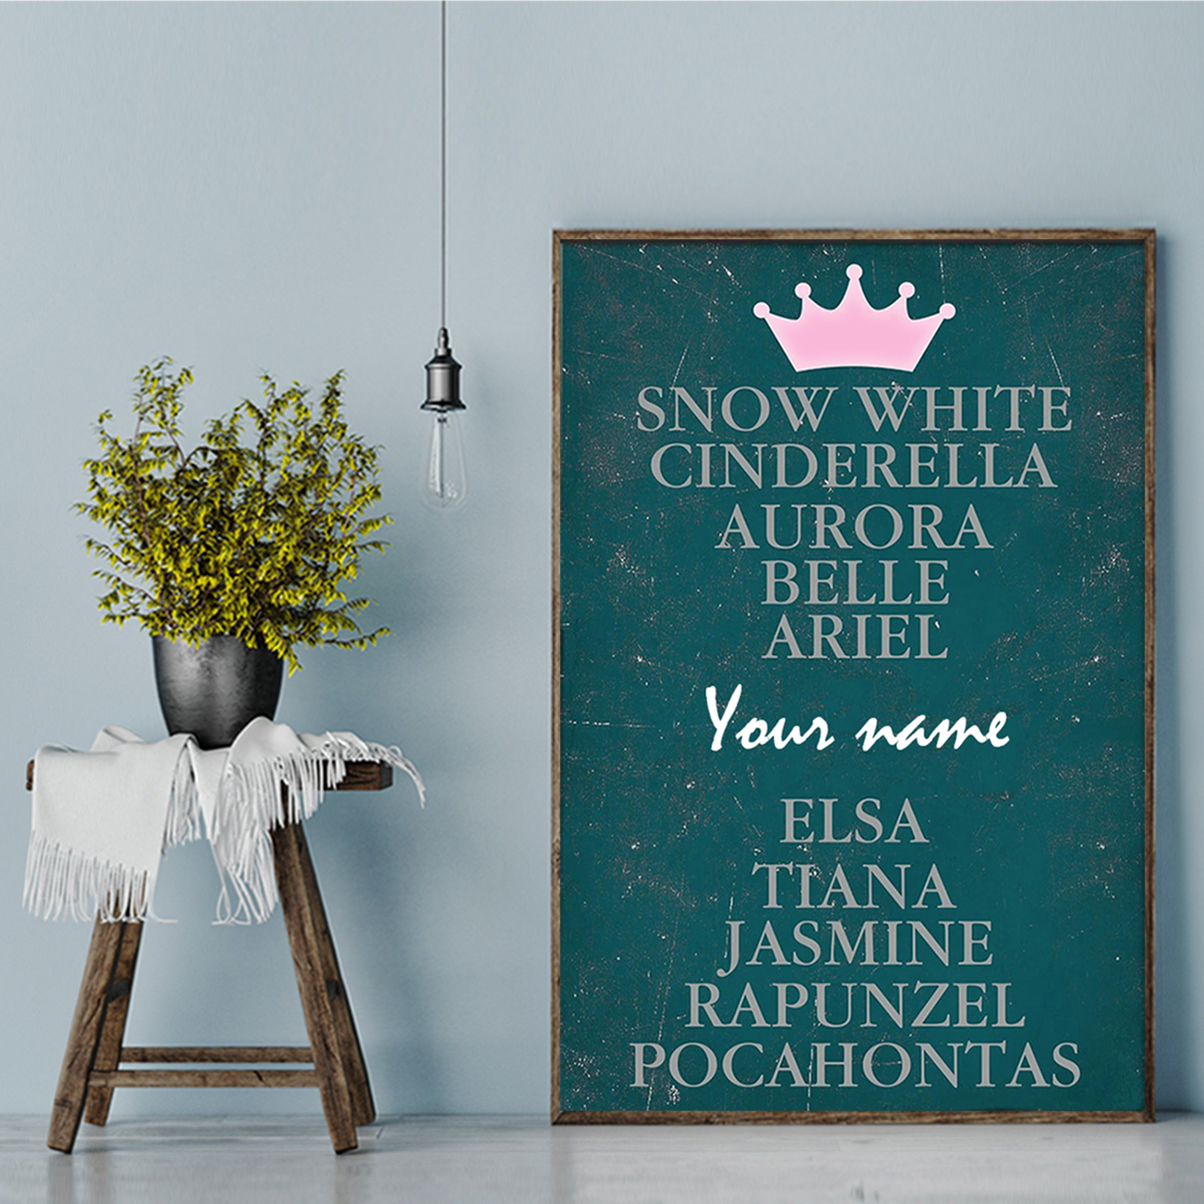 Personalized snow white cinderella aurora belie ariel poster A2